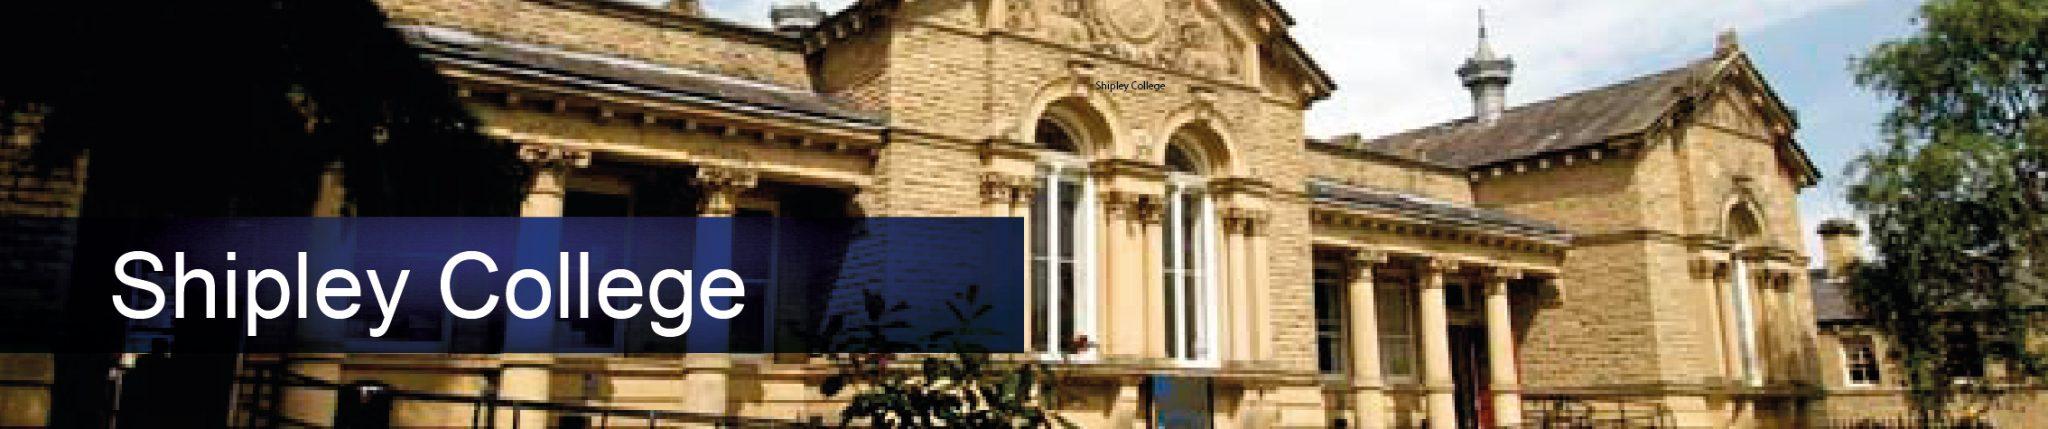 Computer Schools_Shipley College